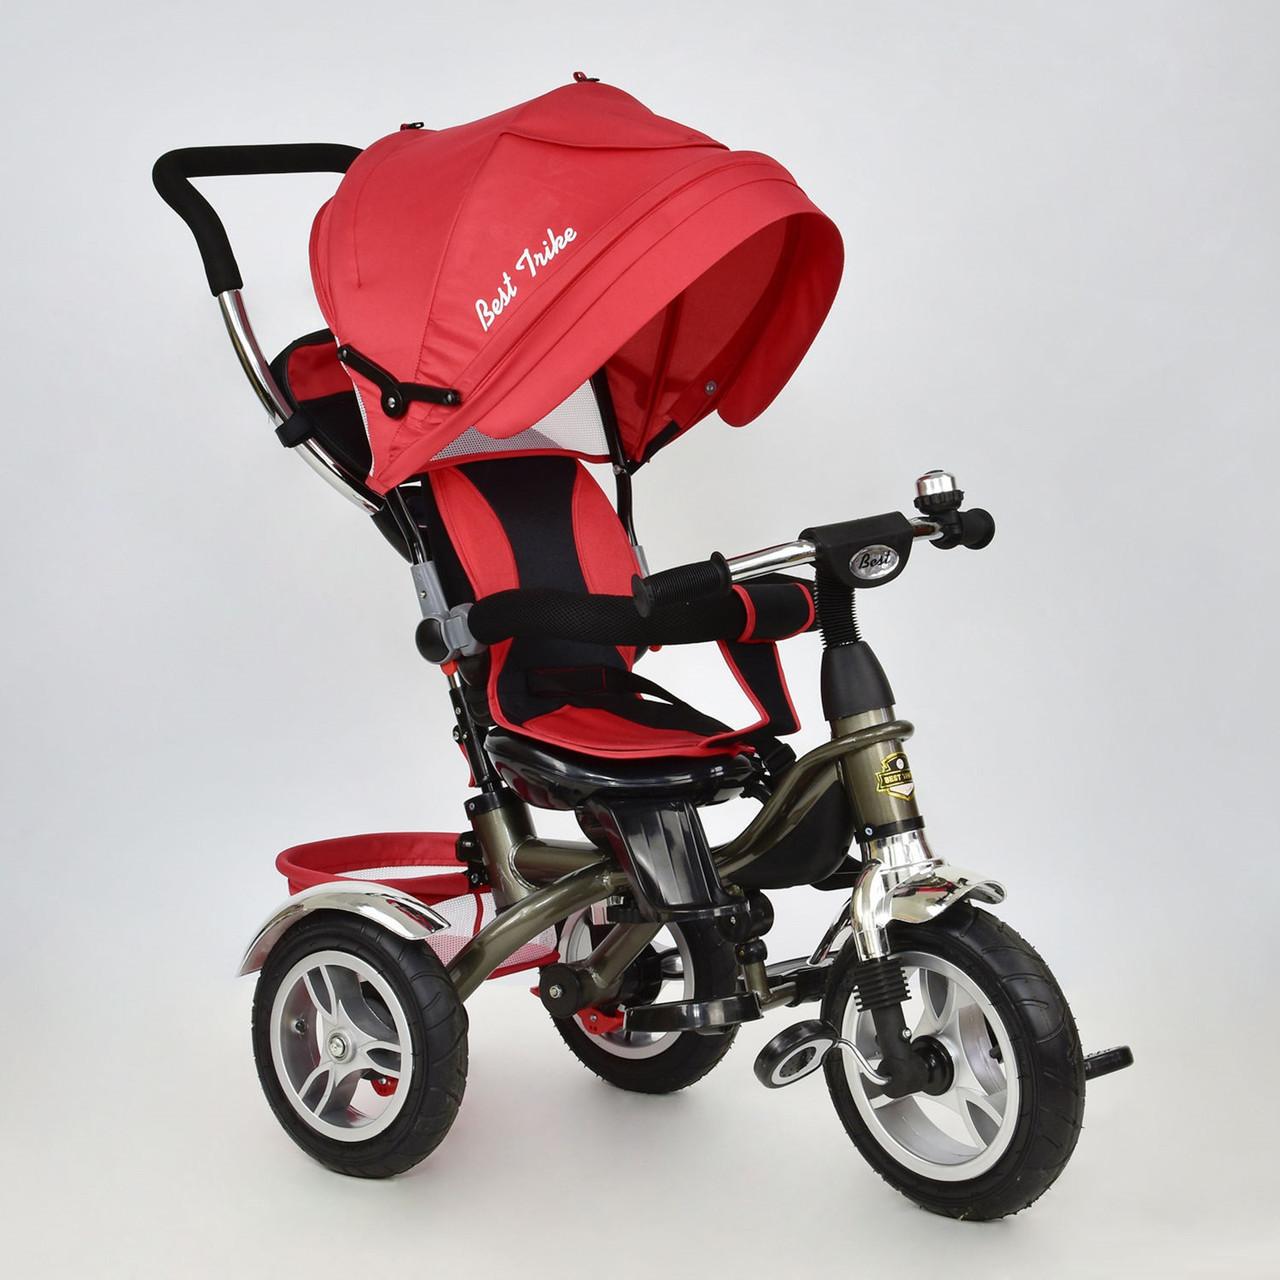 Дитячий триколісний велосипед 5688 Best Trike надувні колеса, поворот сидіння, червоний